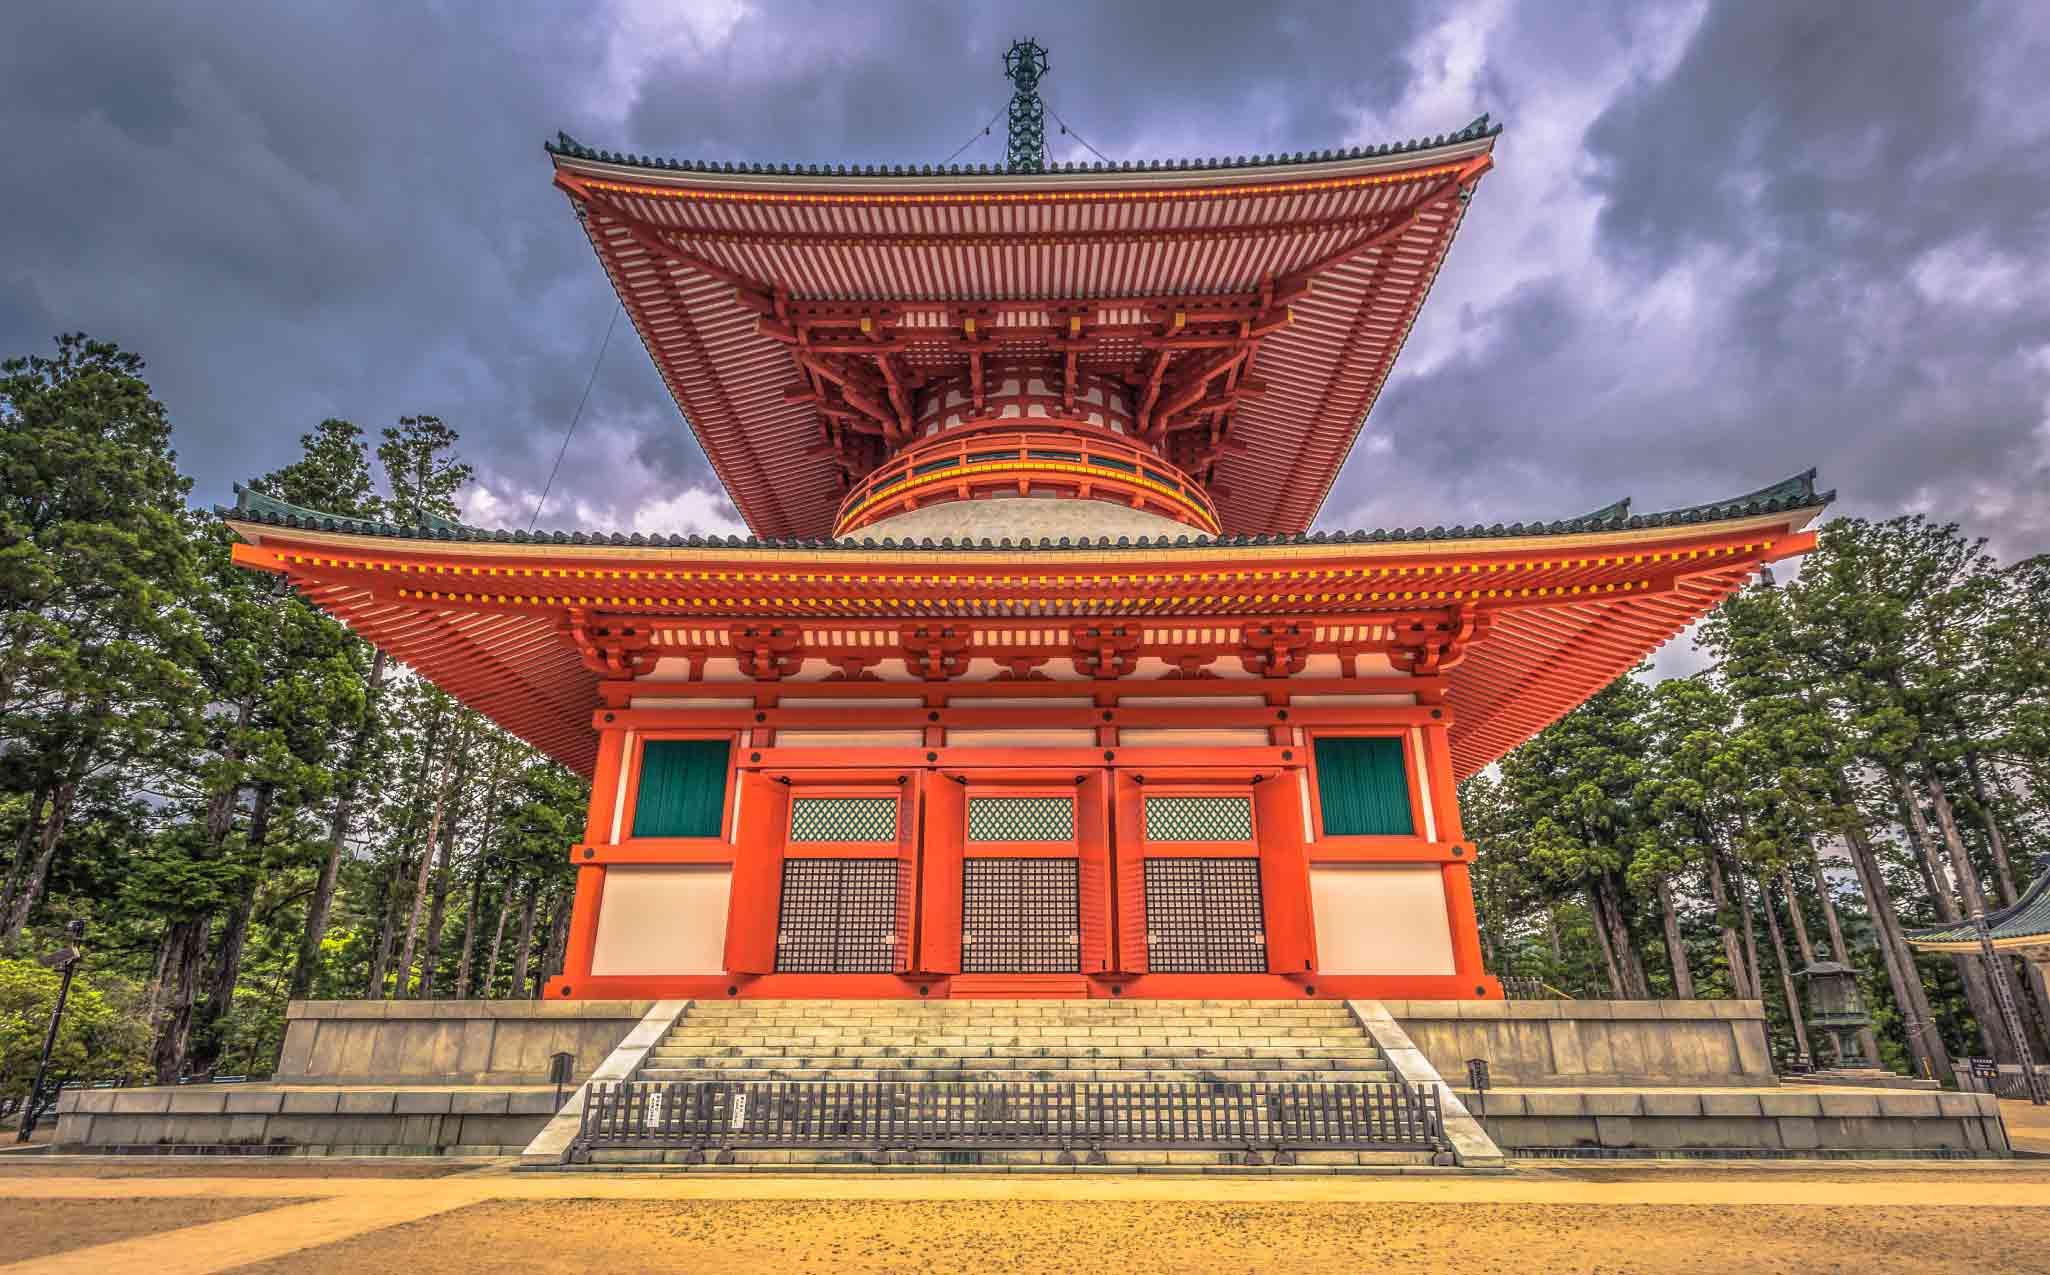 Koyasan Dai Garan Buddhist Temple